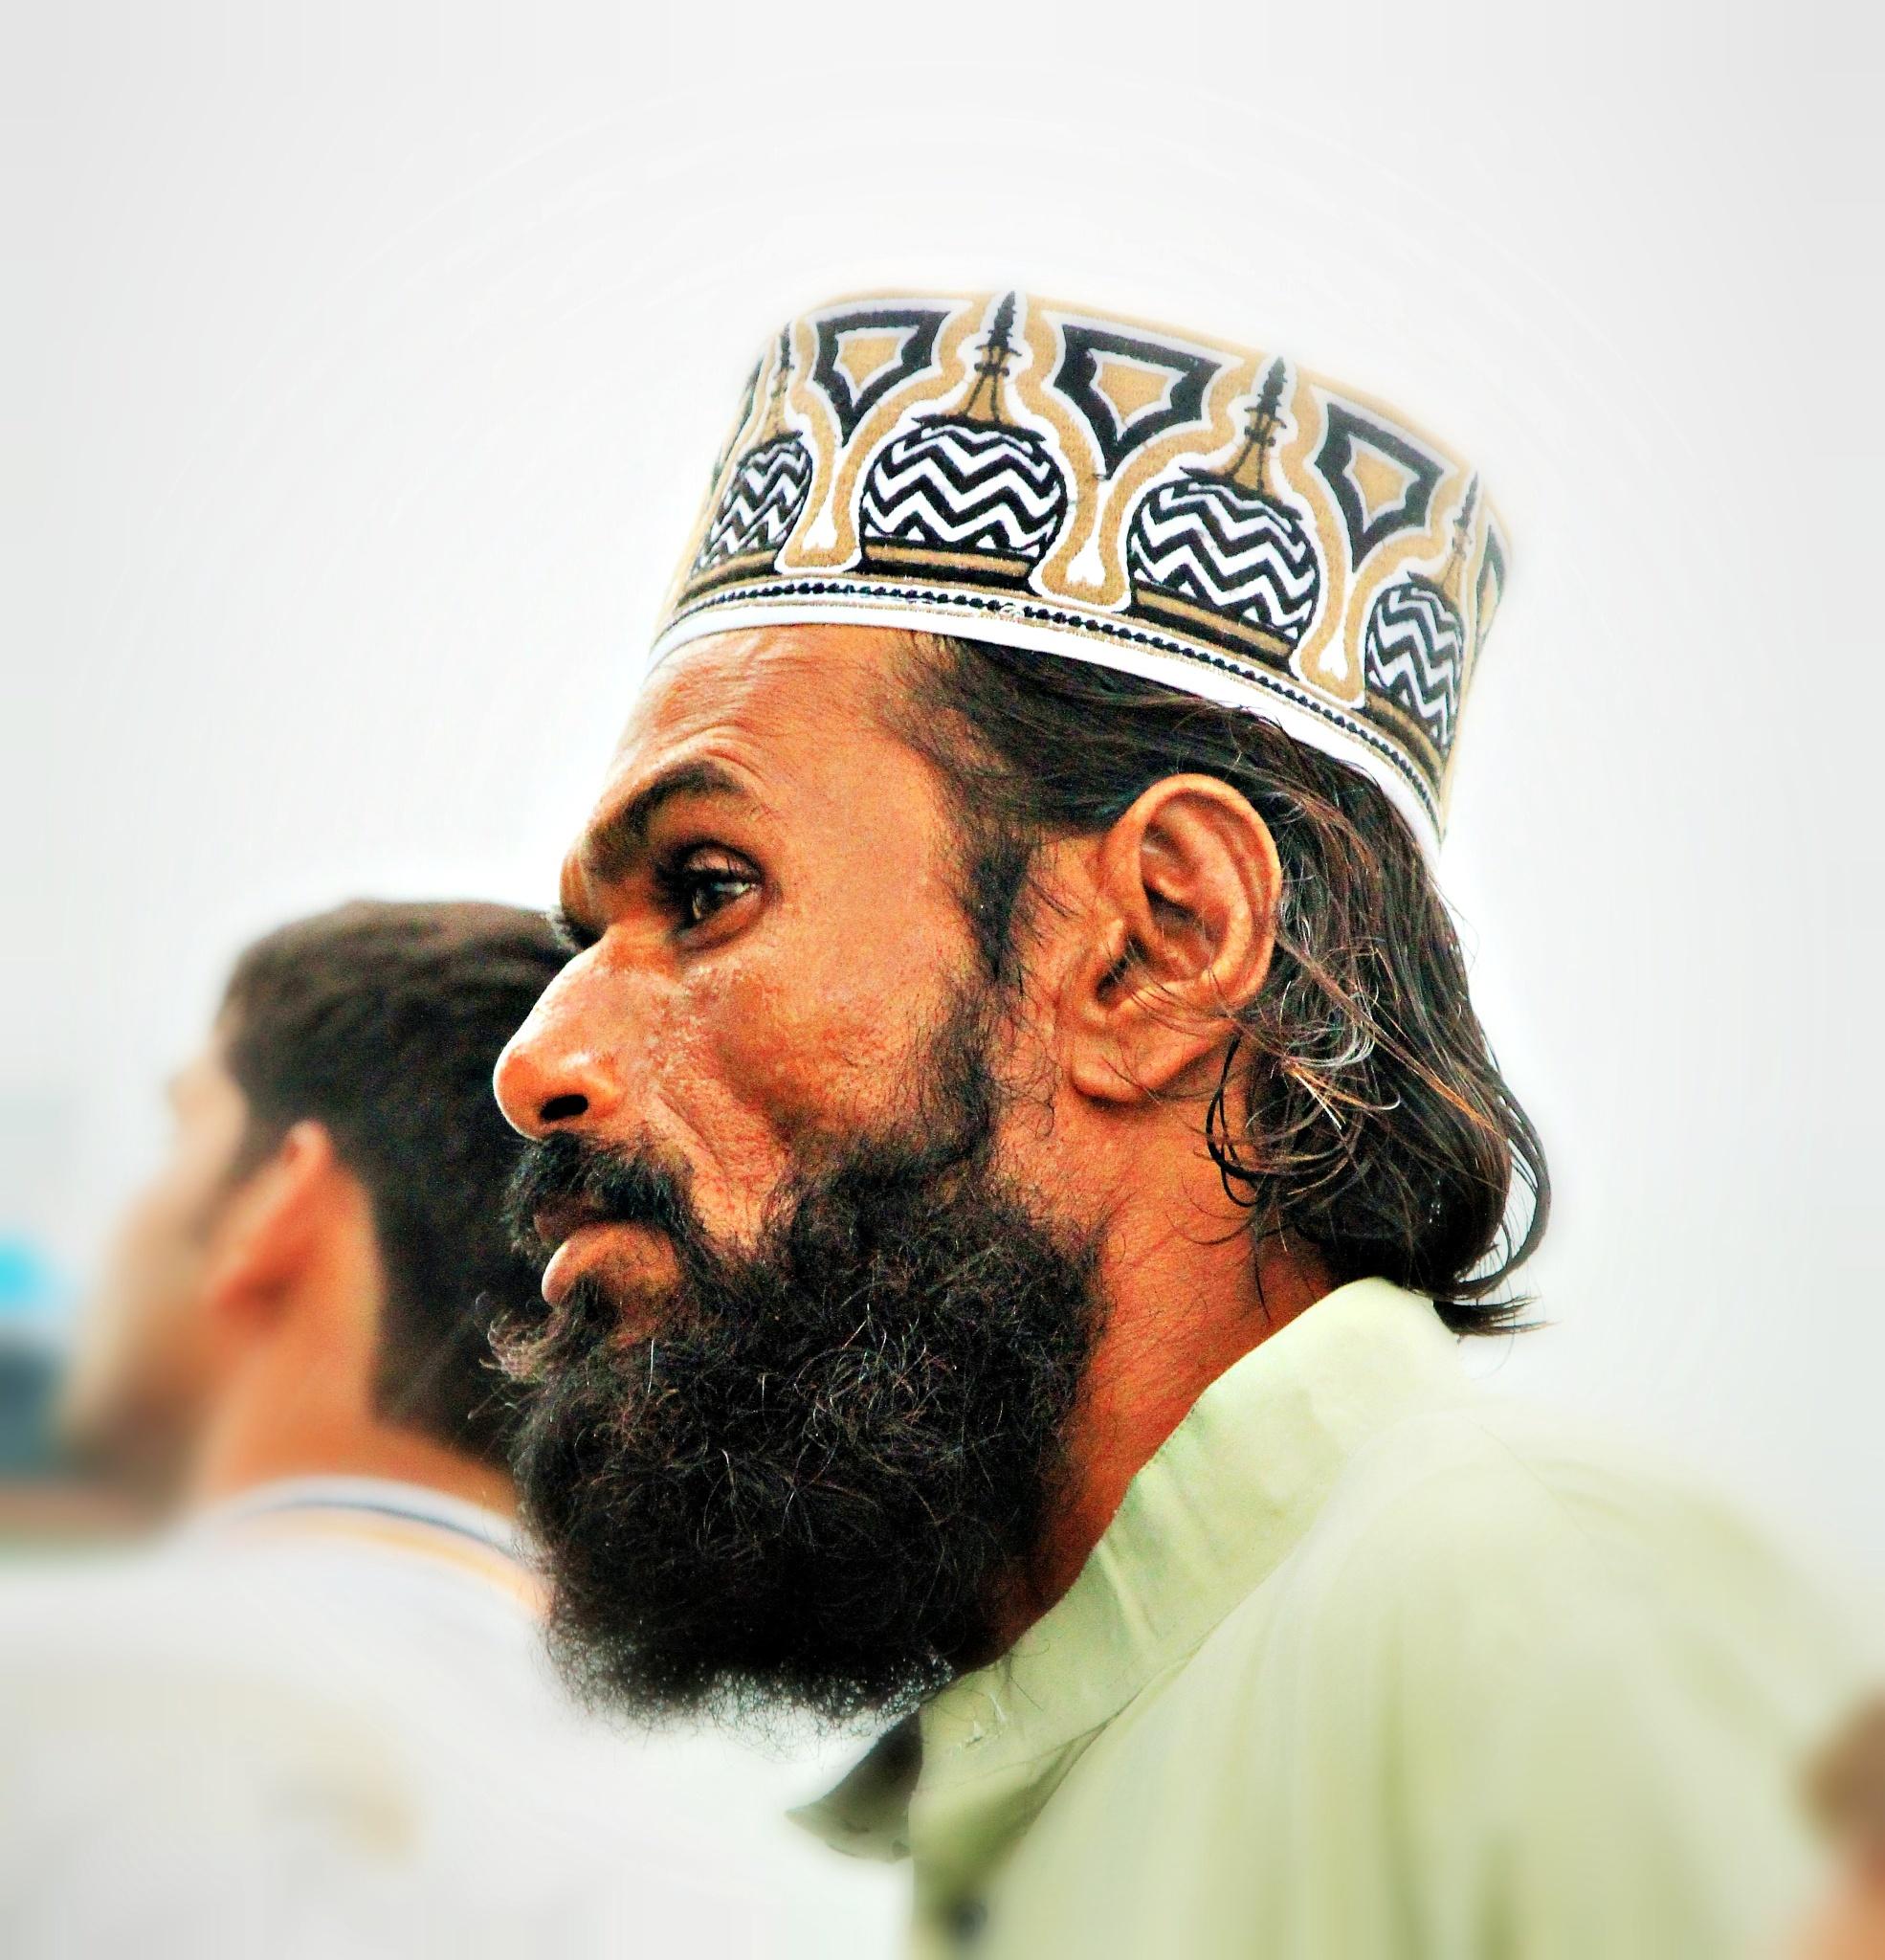 beard & cap by Virat Joneja